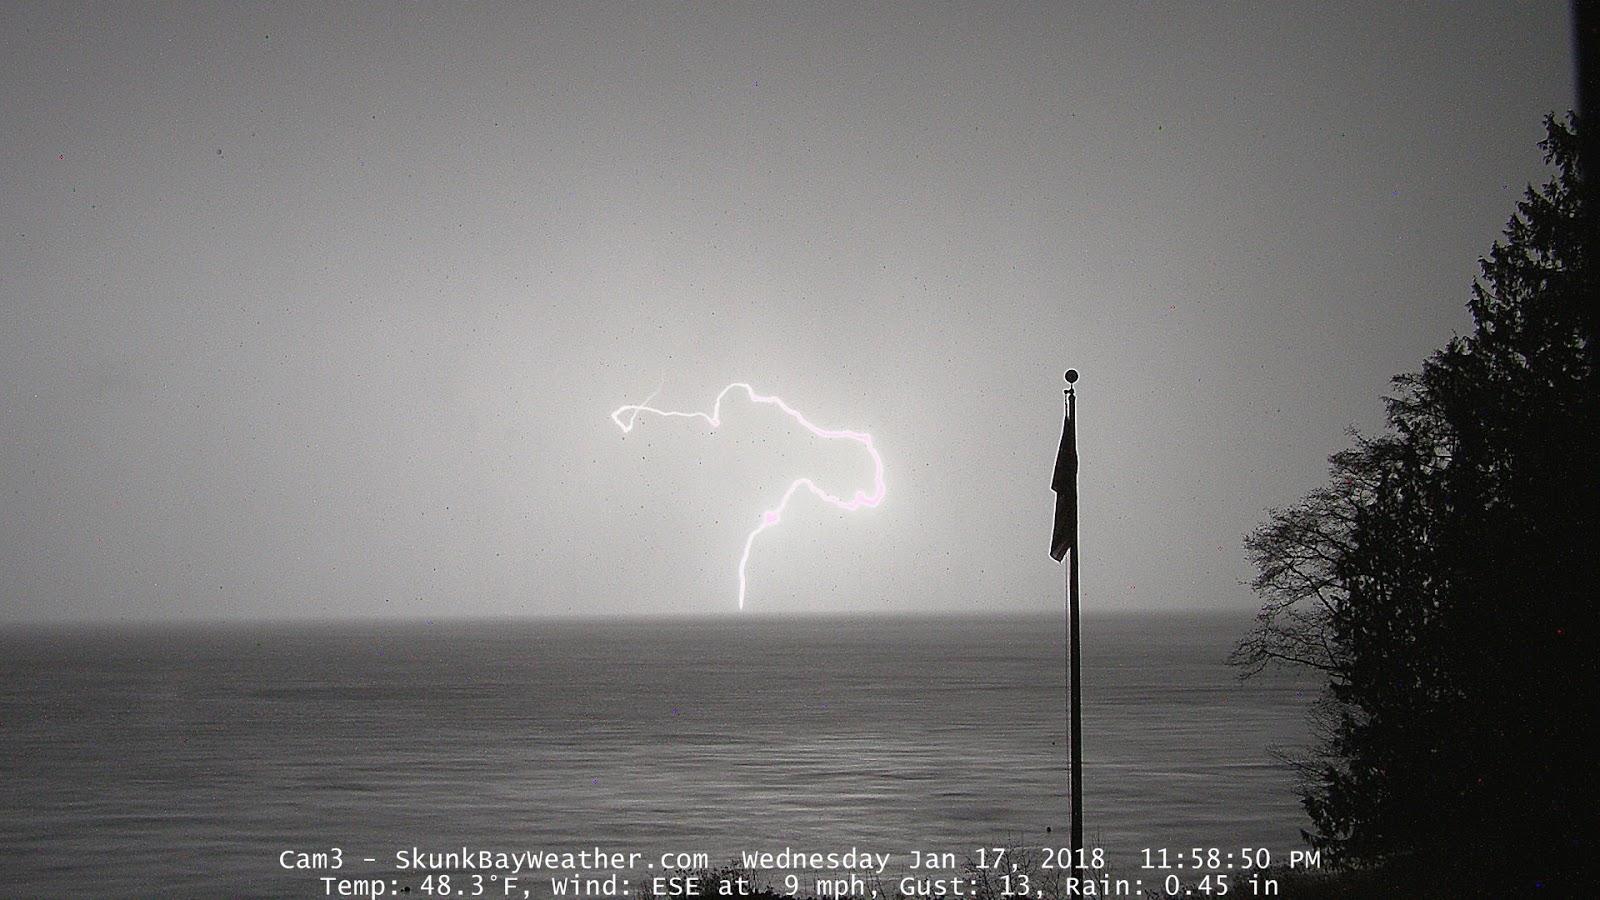 My Blog Verwandt Mit Lightning: Skunk Bay Weather Blog: 2 Lightning Strikes